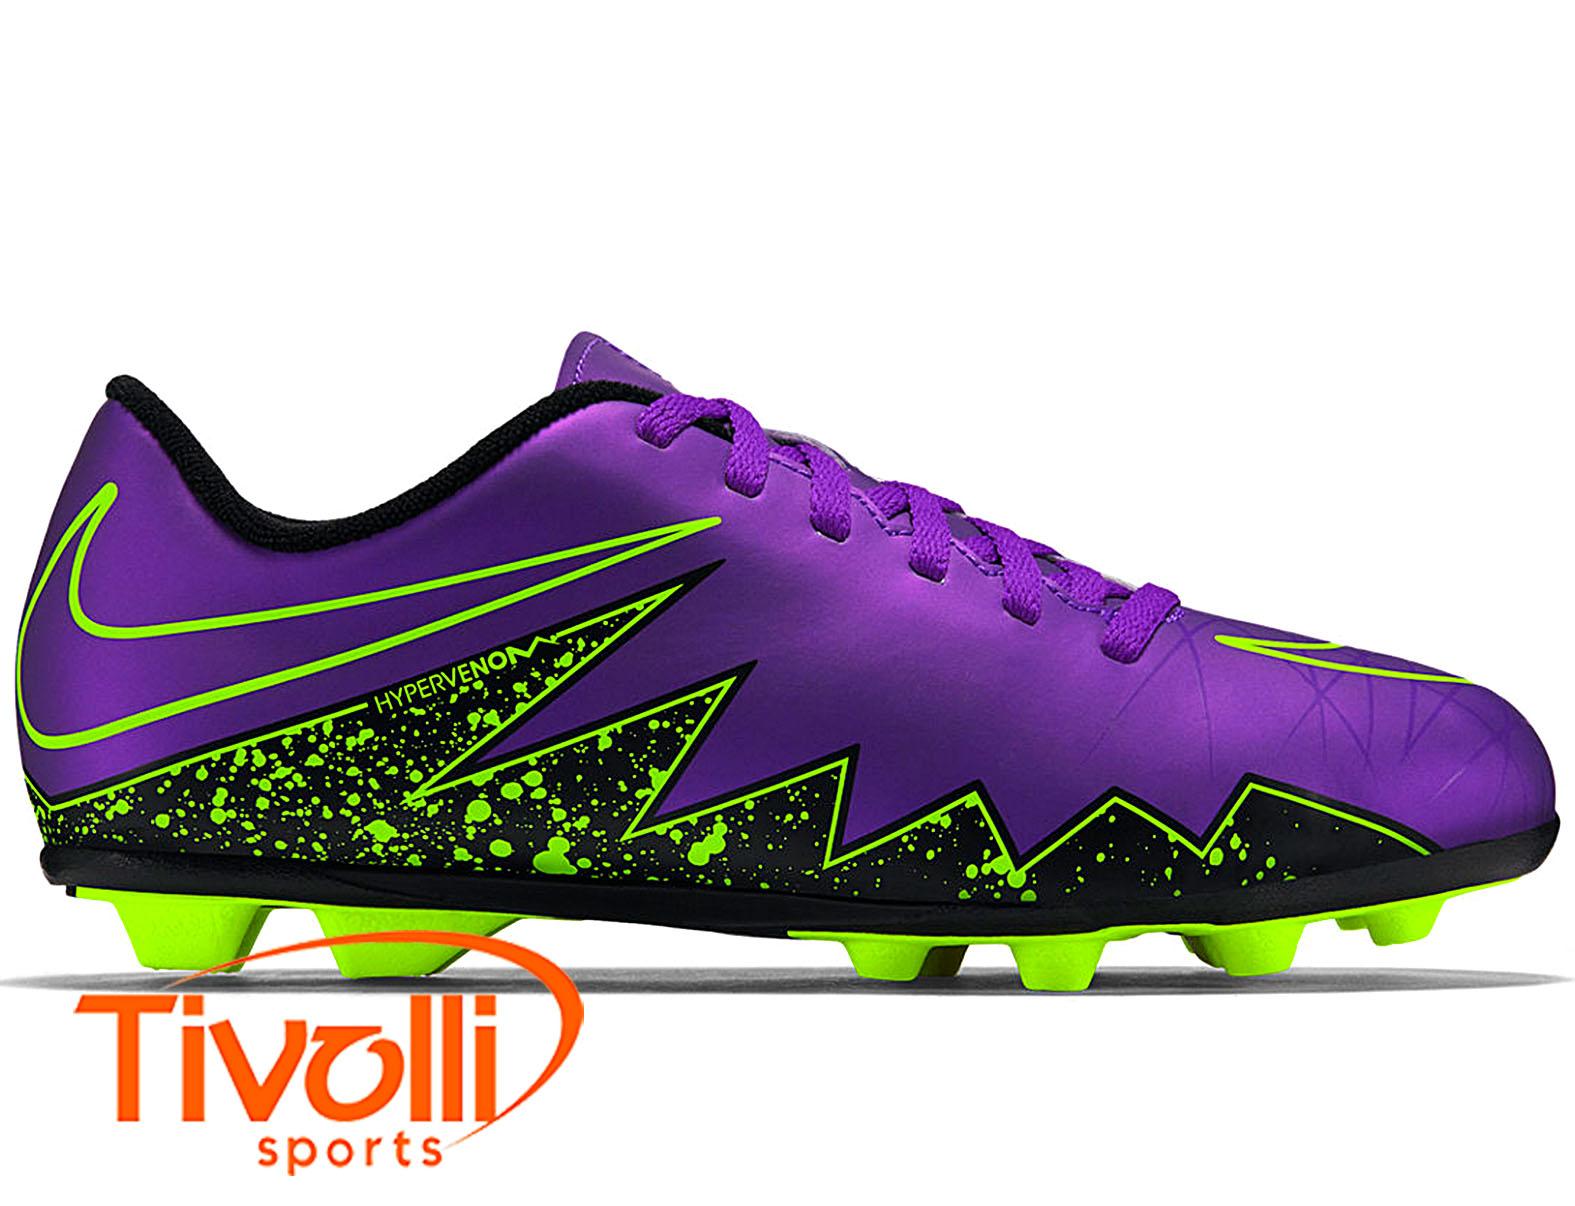 77ad7b3c9b Chuteira campo Nike JR Hypervenom Phelon II FG